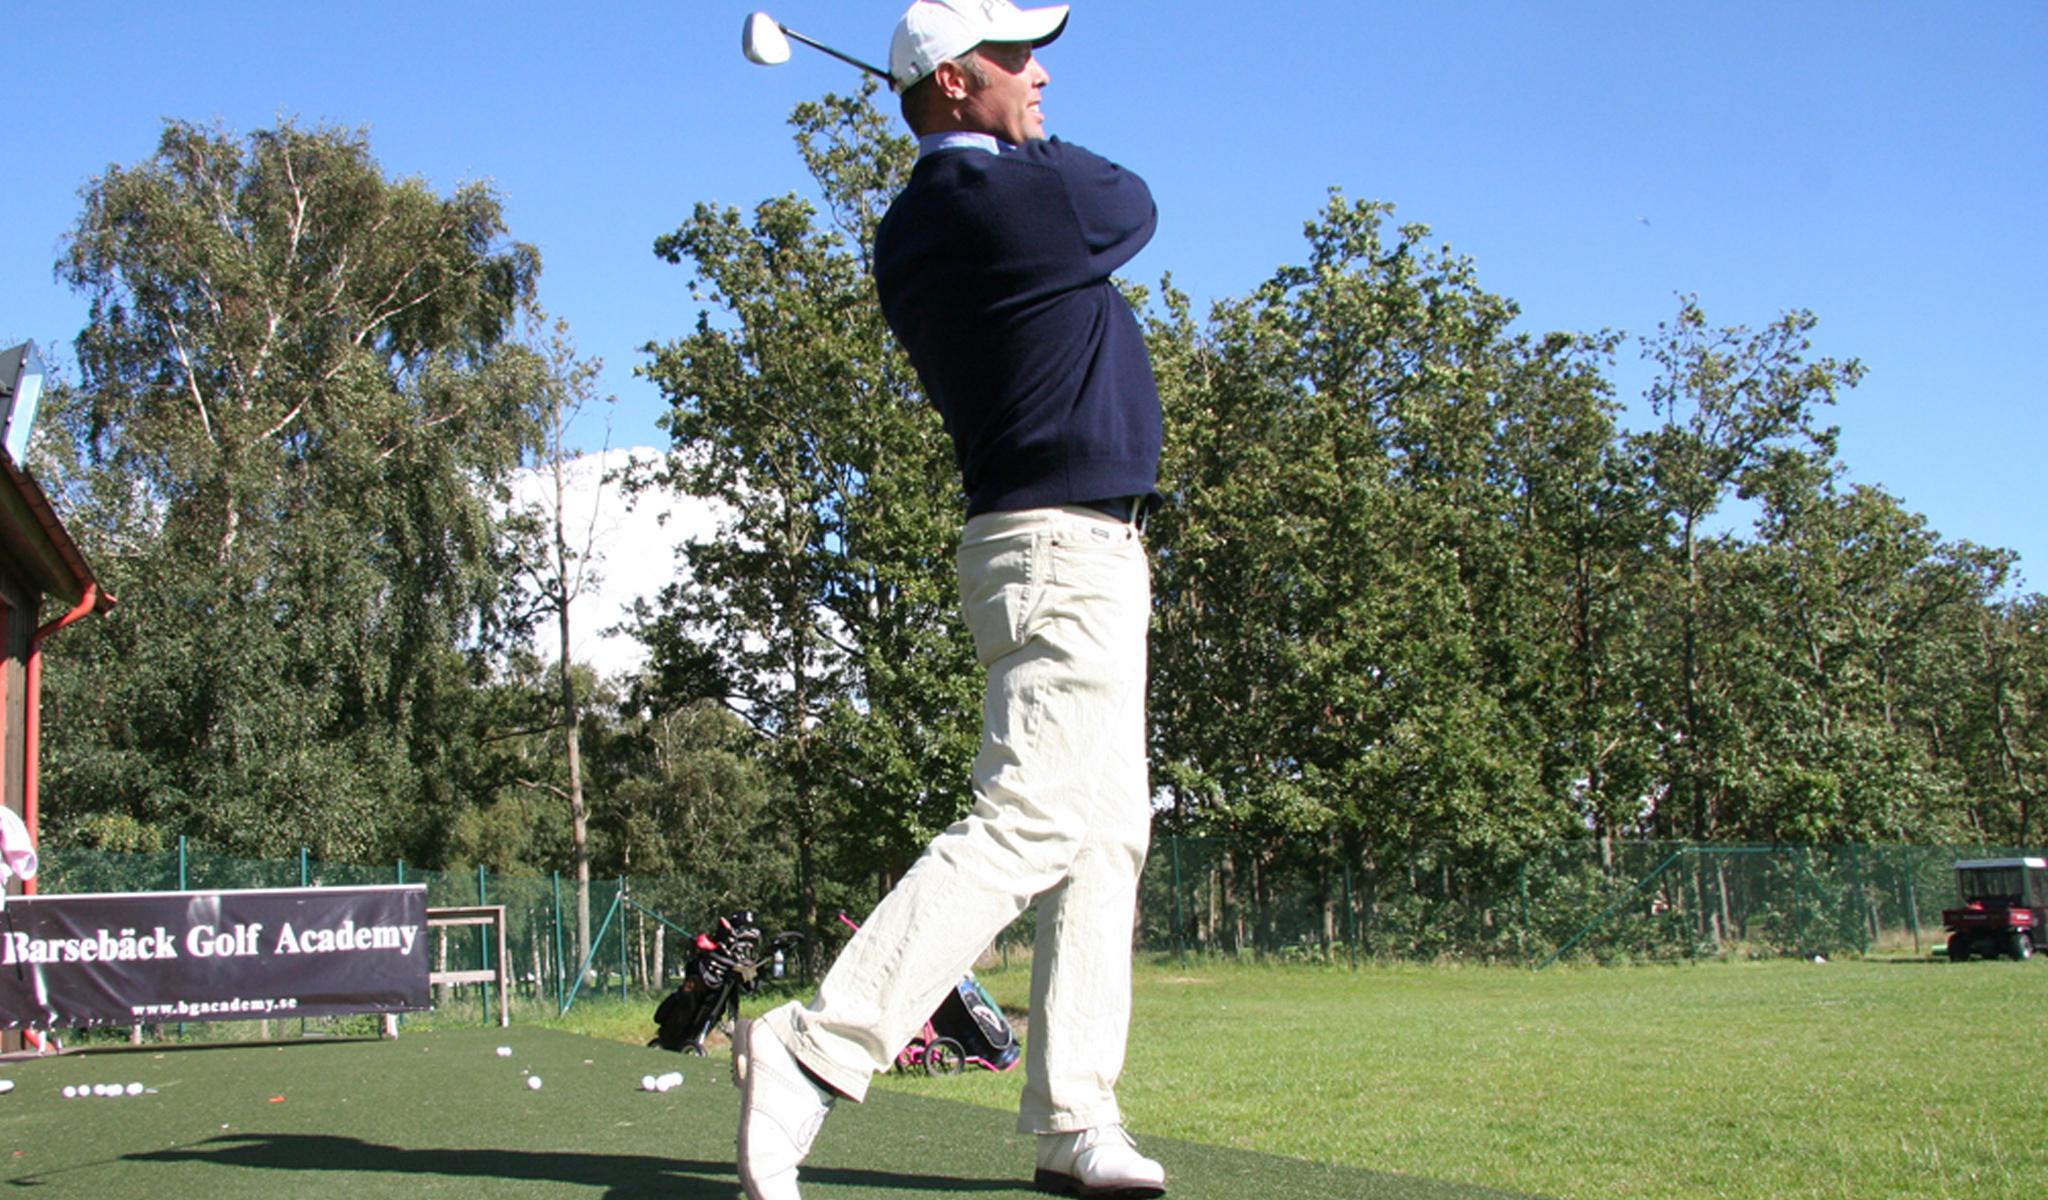 kunstgress til golf golfbane green tee fra unisport